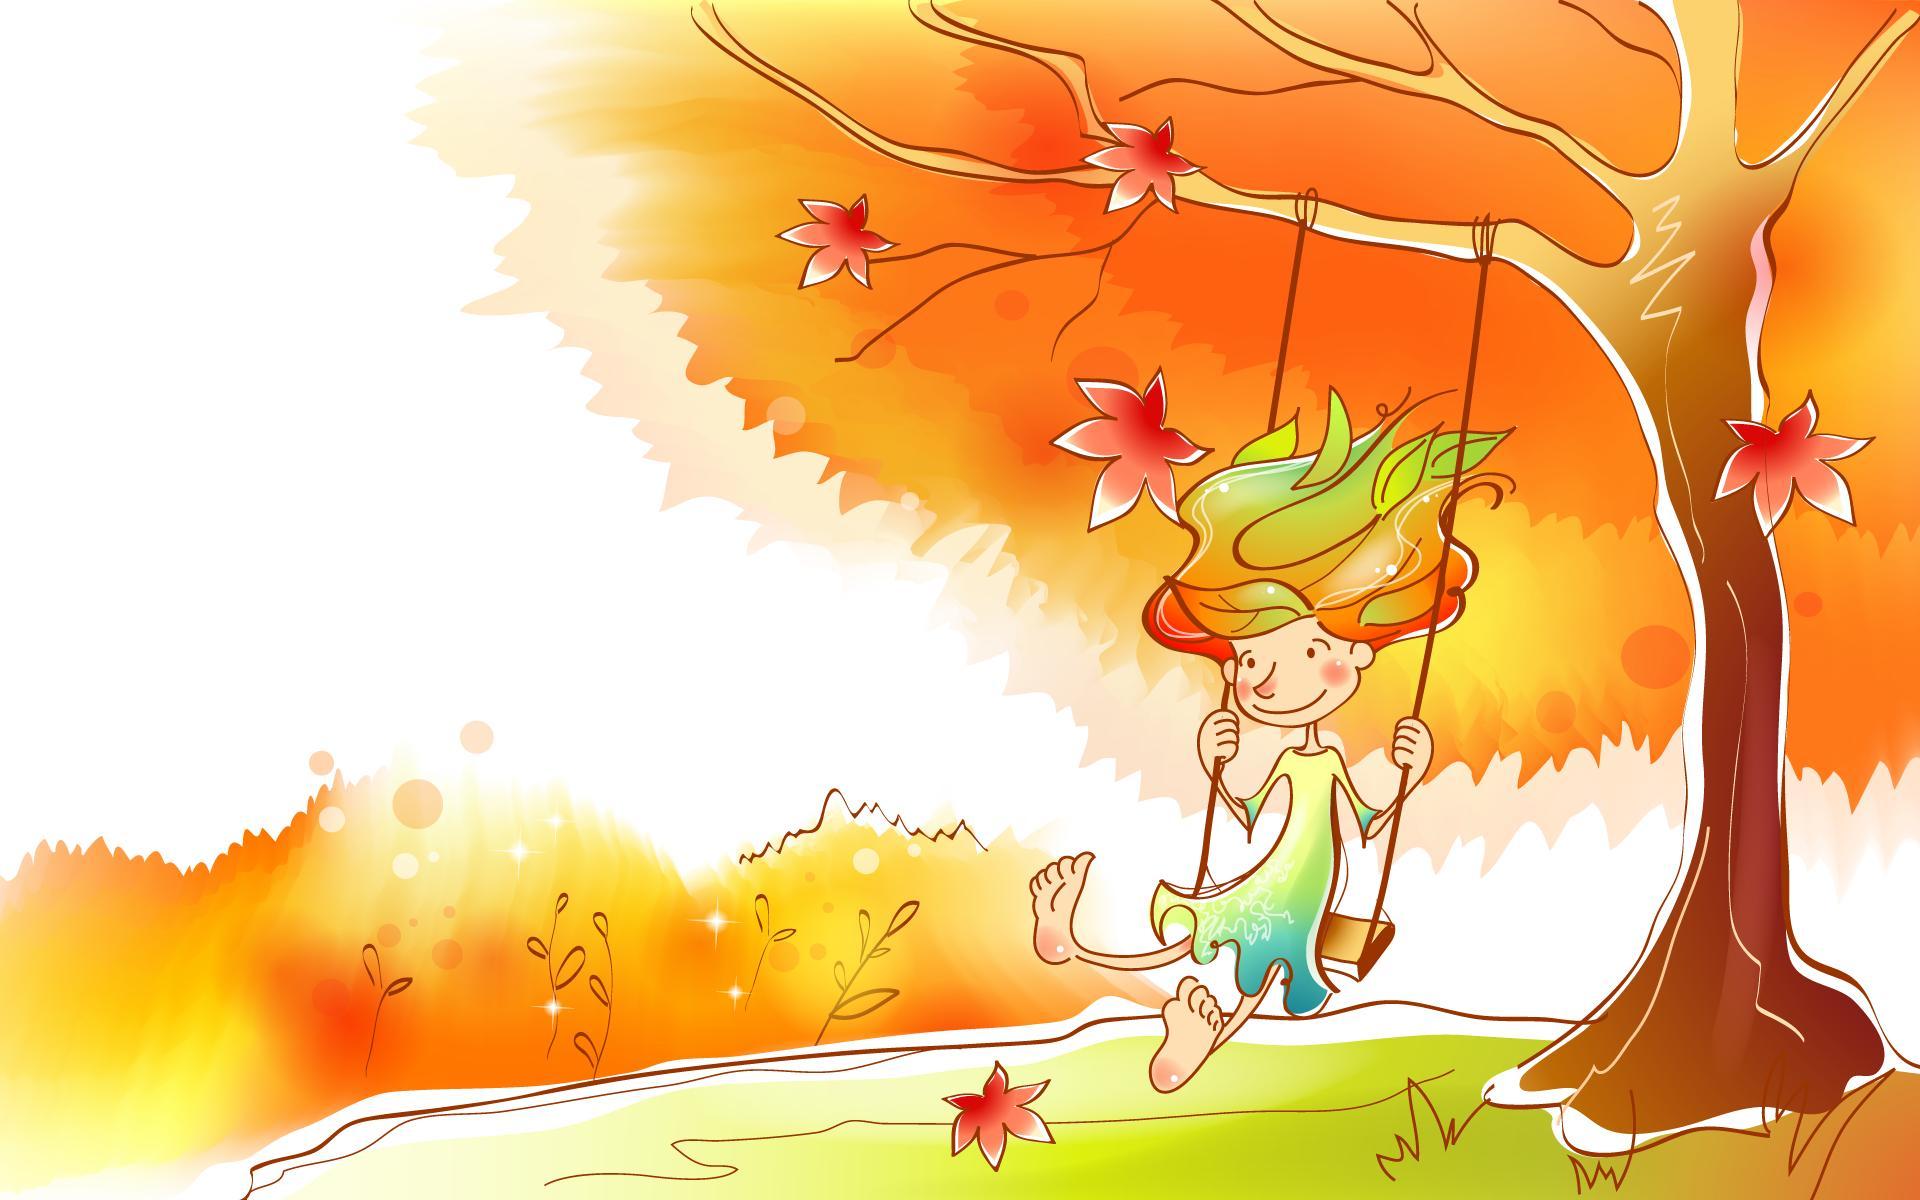 壁纸1920×1200秋天的童话 橙色卡通宽屏壁纸 壁纸1壁纸 秋天的童话 橙色卡通壁纸图片动漫壁纸动漫图片素材桌面壁纸